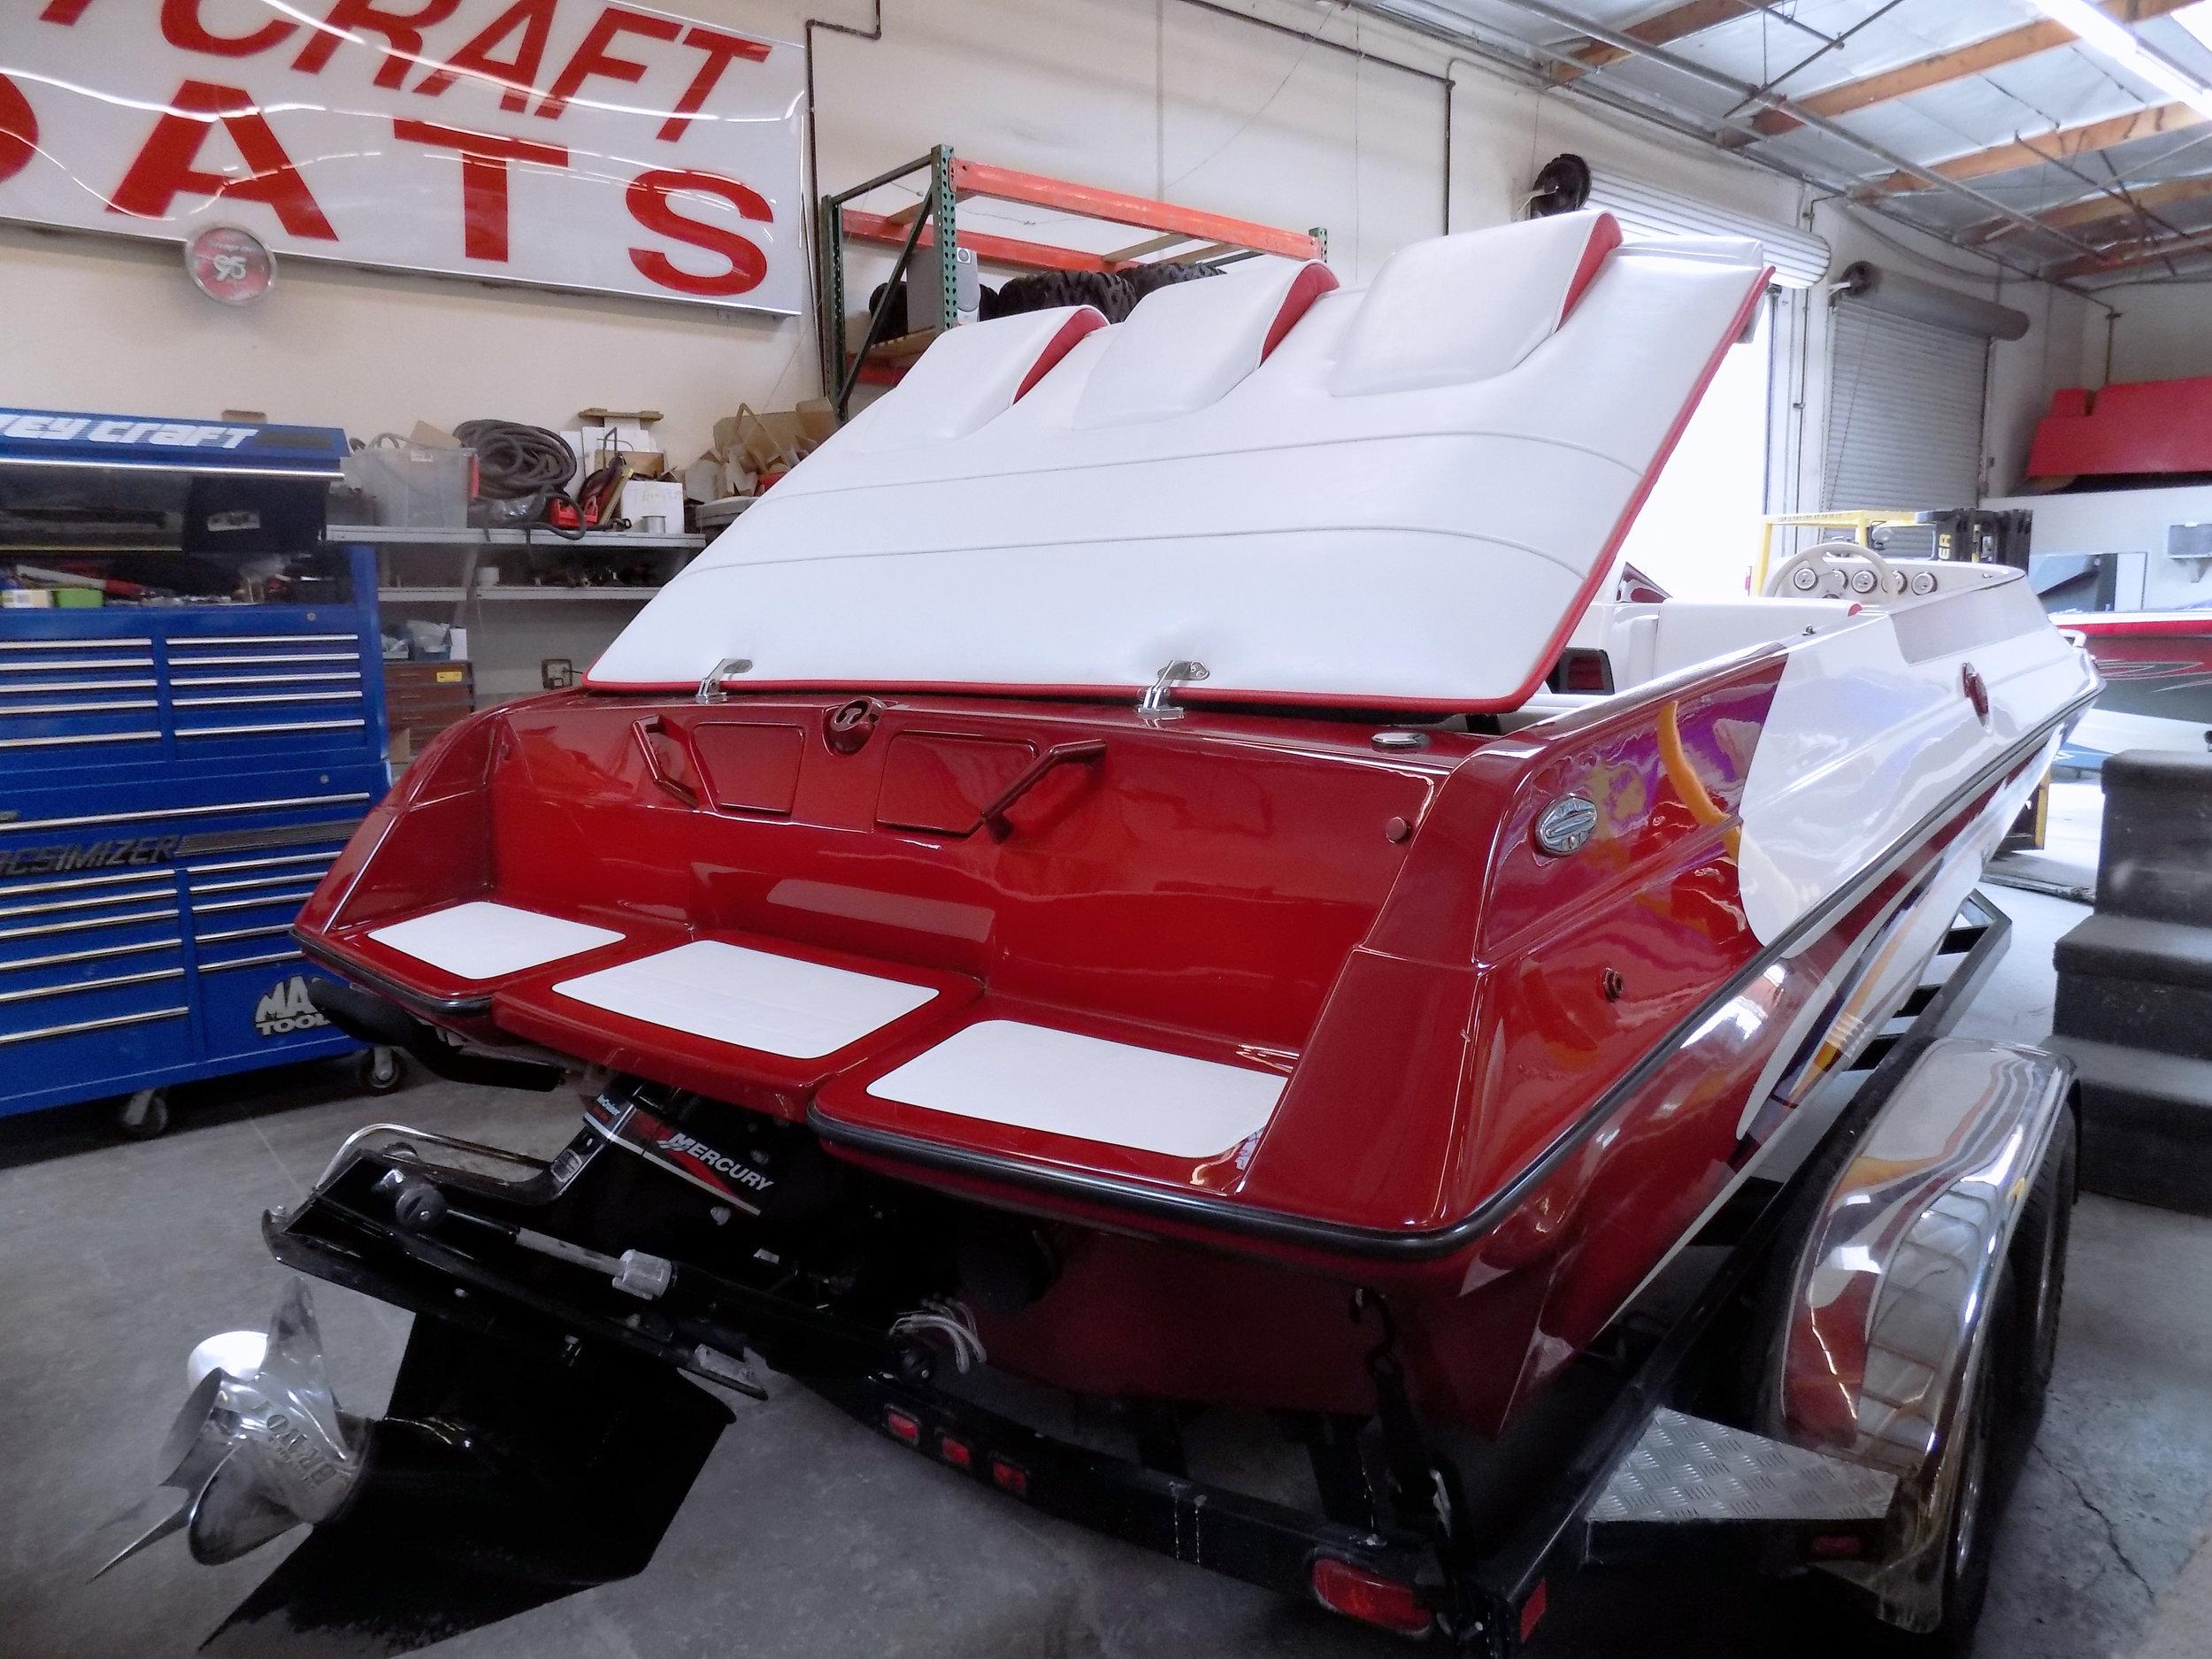 Lavey Craft restoration 21 XTSki - pic 2.jpg